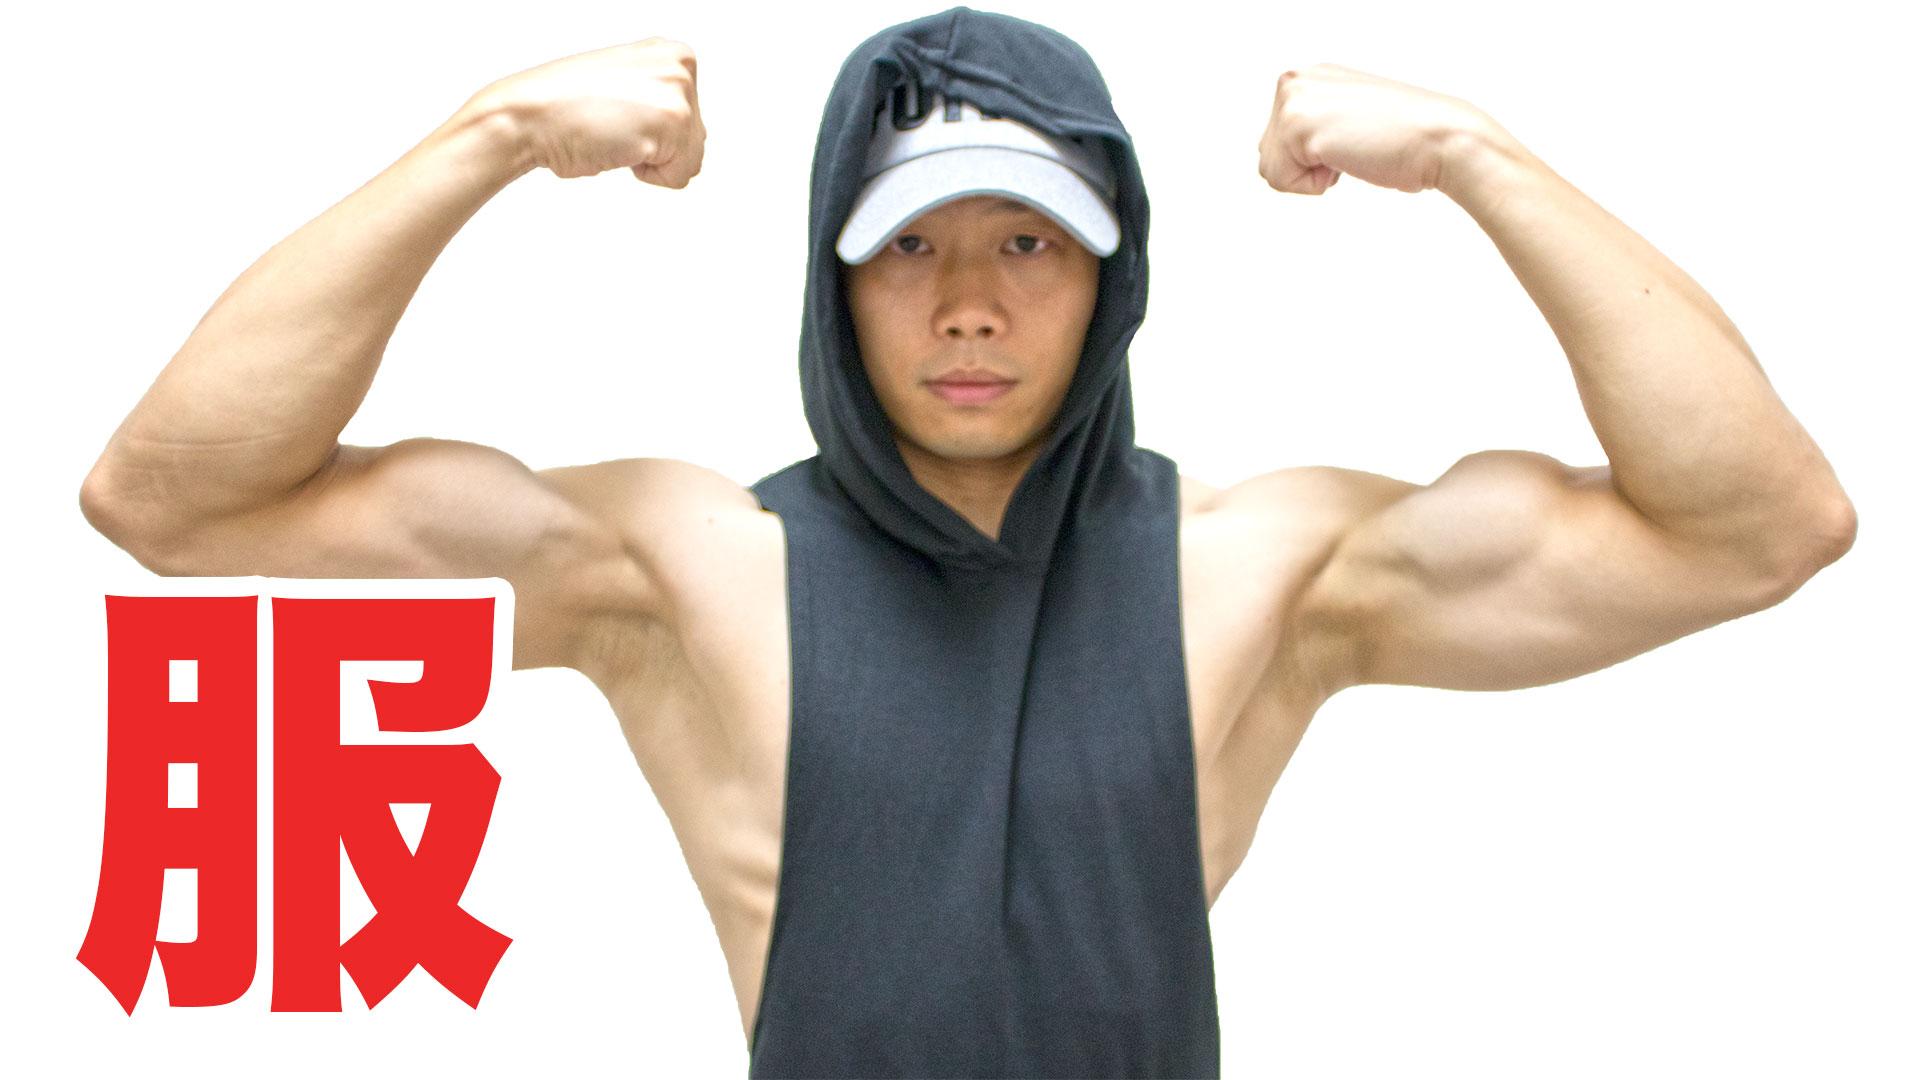 筋肉に似合うフード付きノースリーブ! #banggood #トレーニングウェア